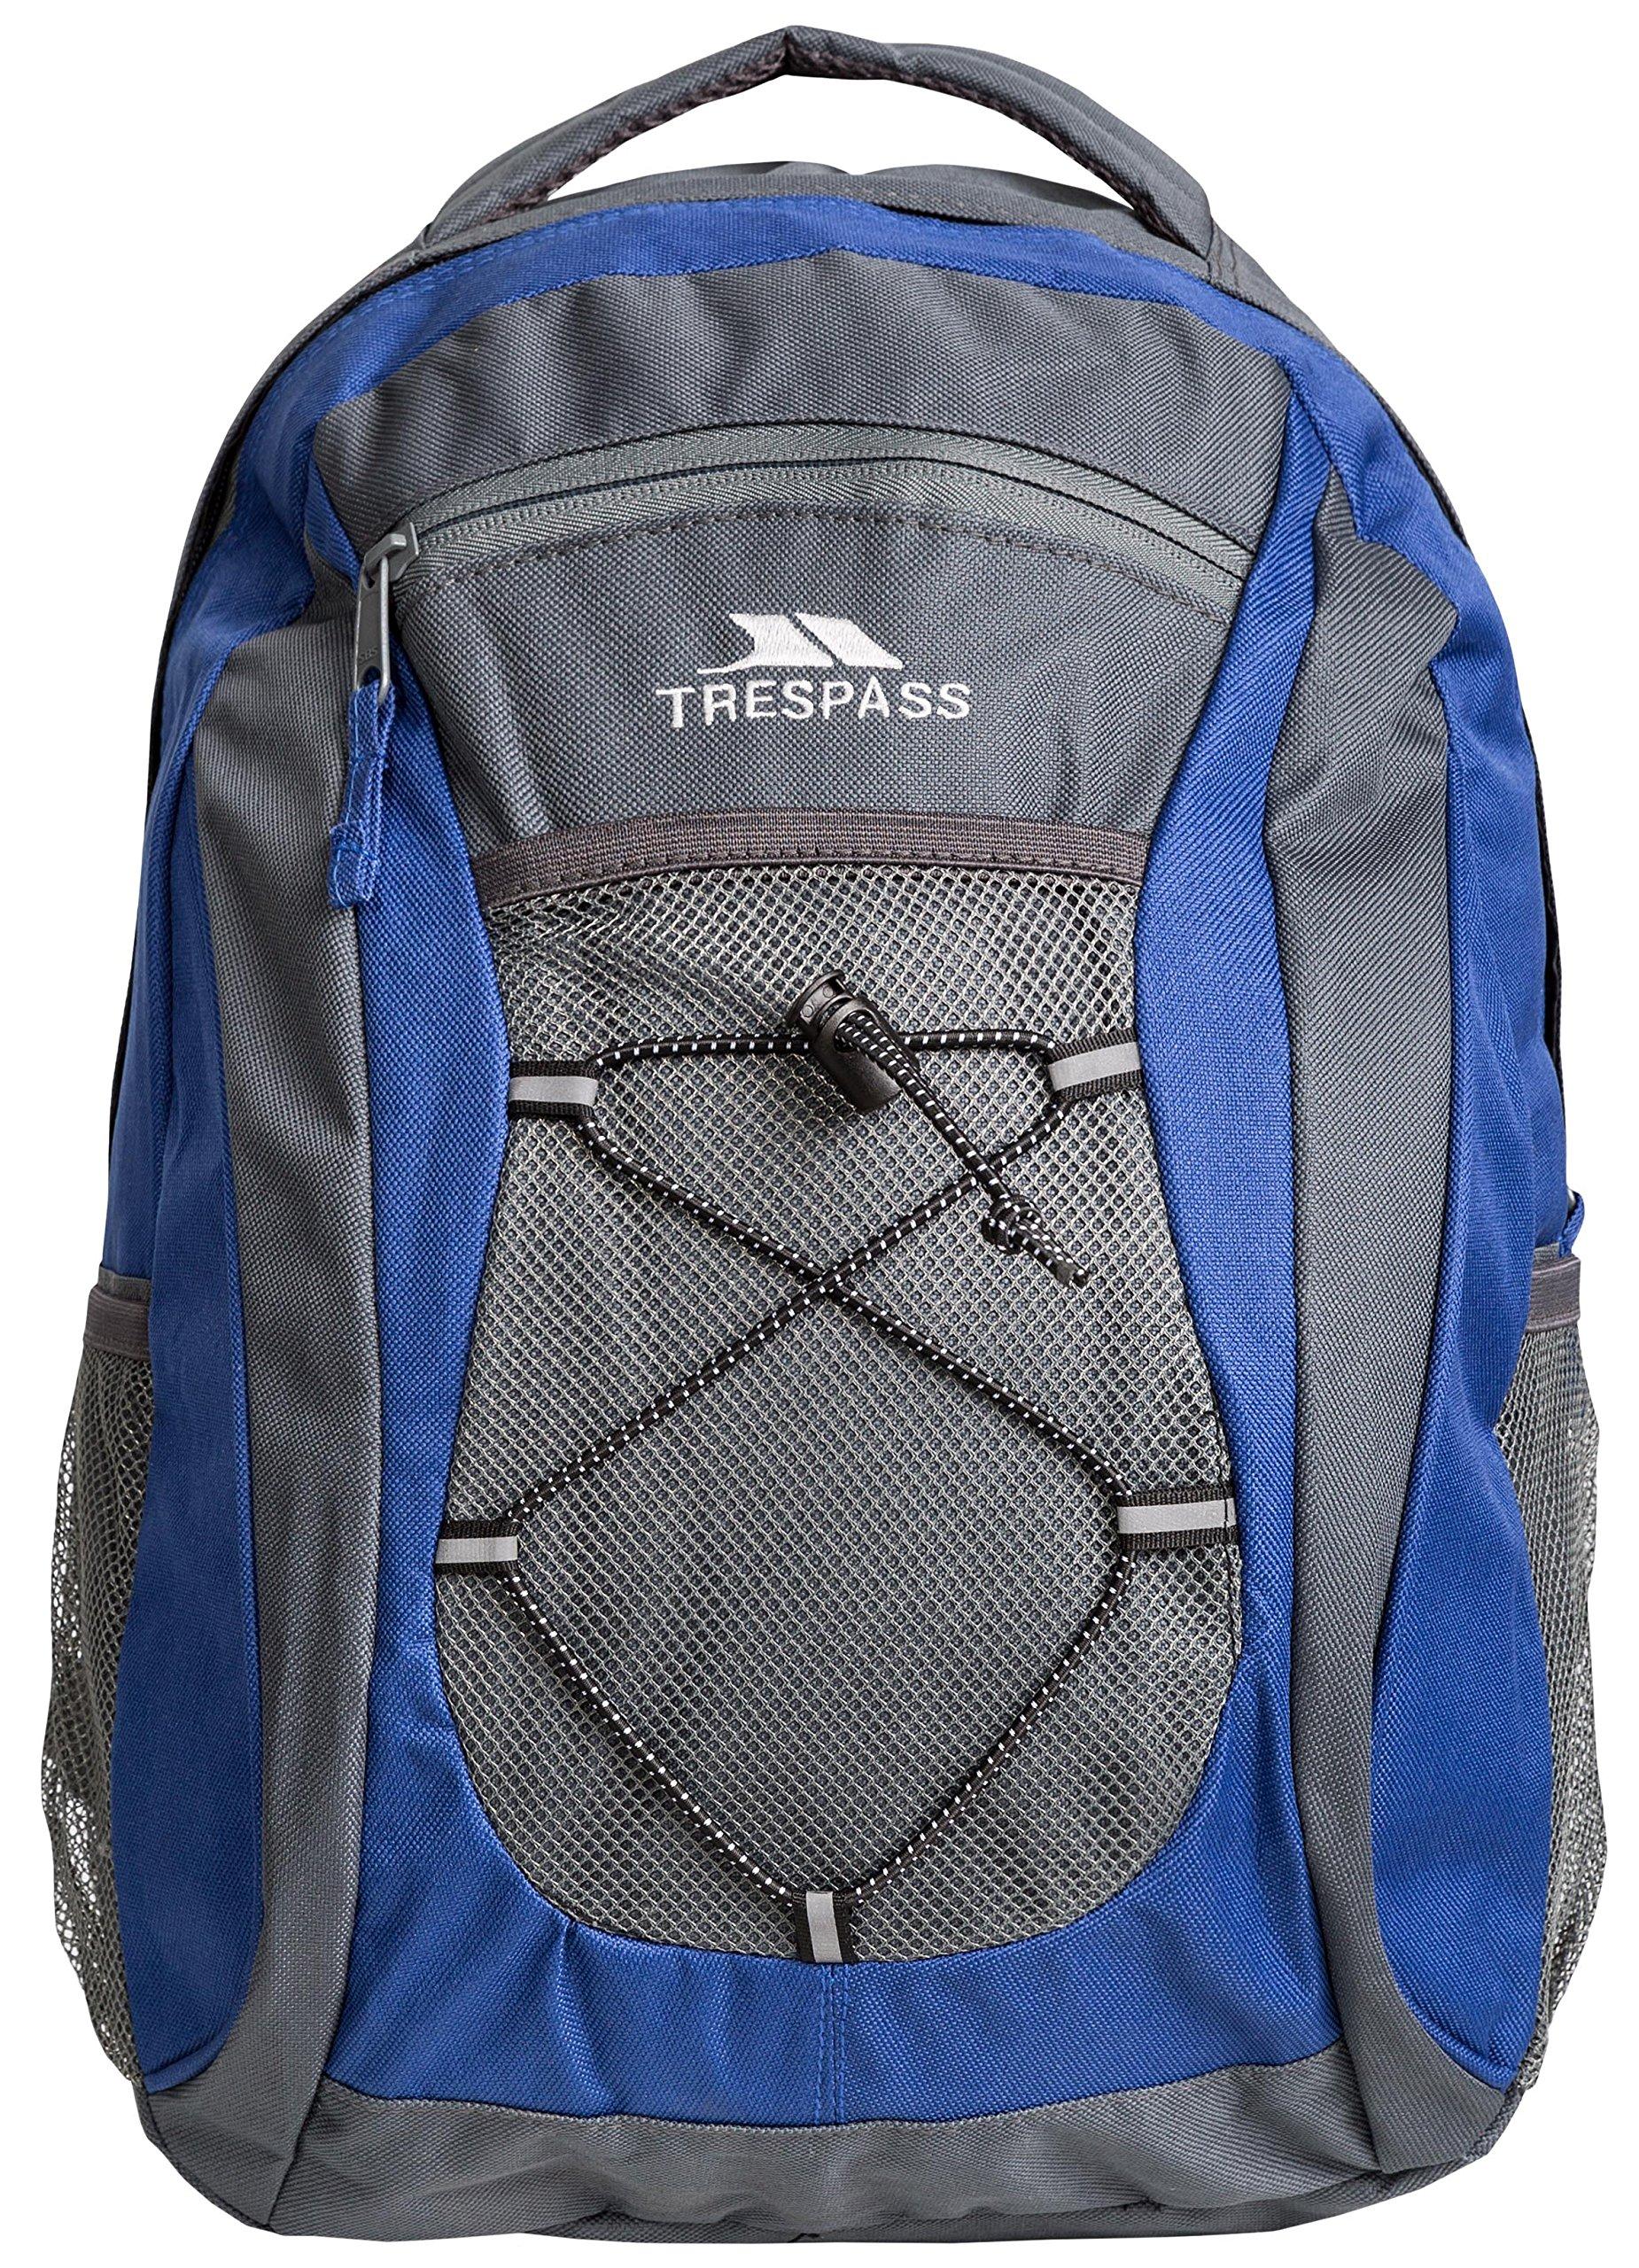 Trespass Neroli Backpack/Rucksack, 28 Litre 2